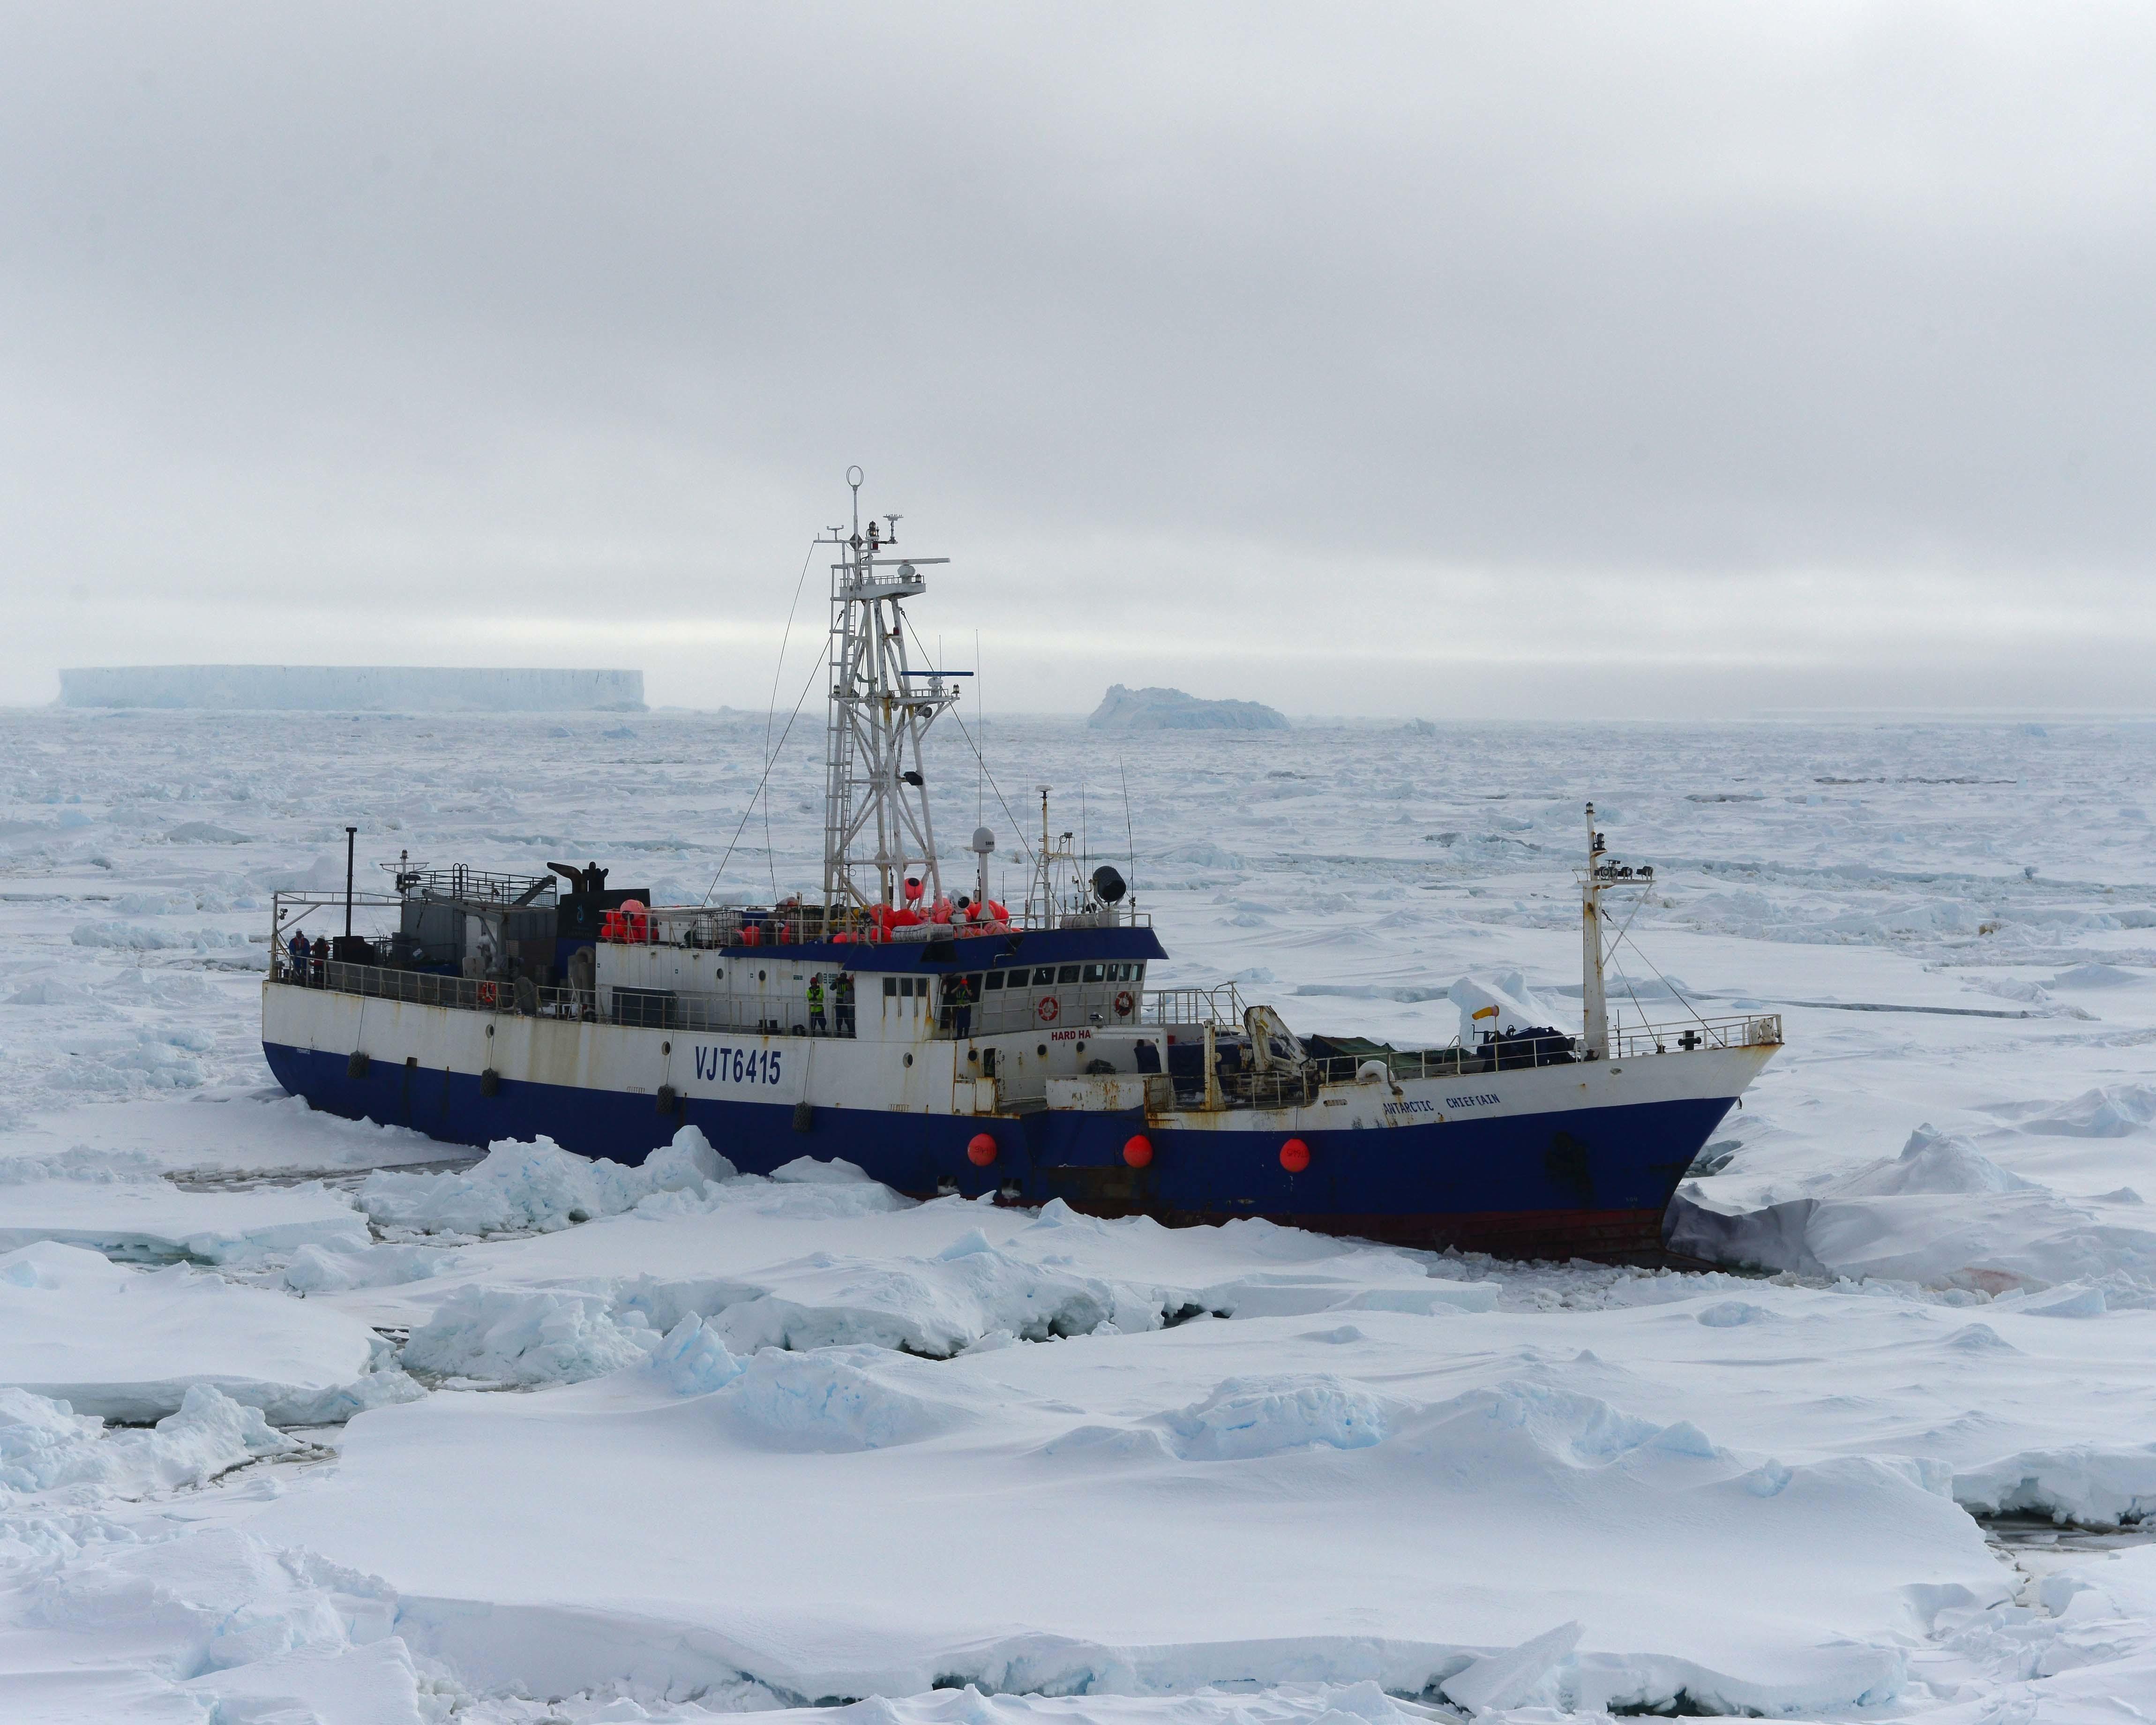 Coast Guard Rescues Australian Fishing Vessel In